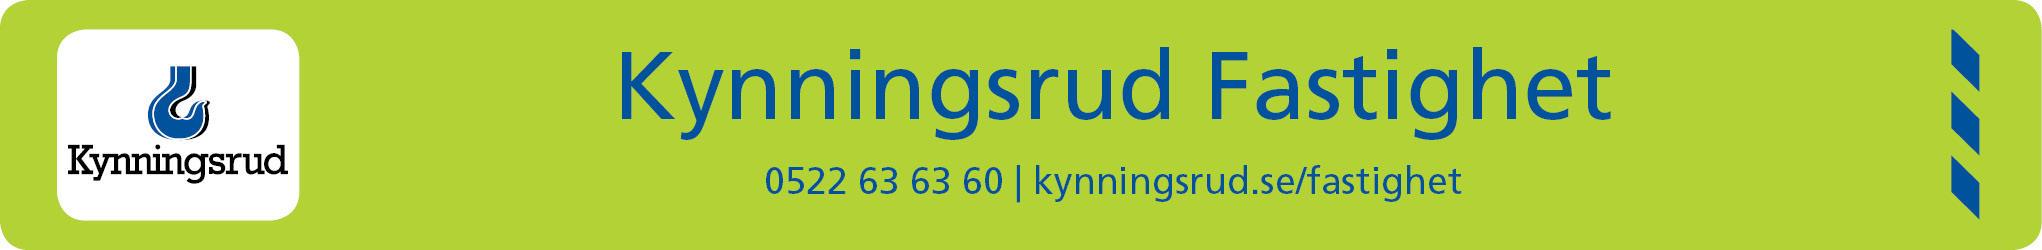 Kynningsrud Kasen AB